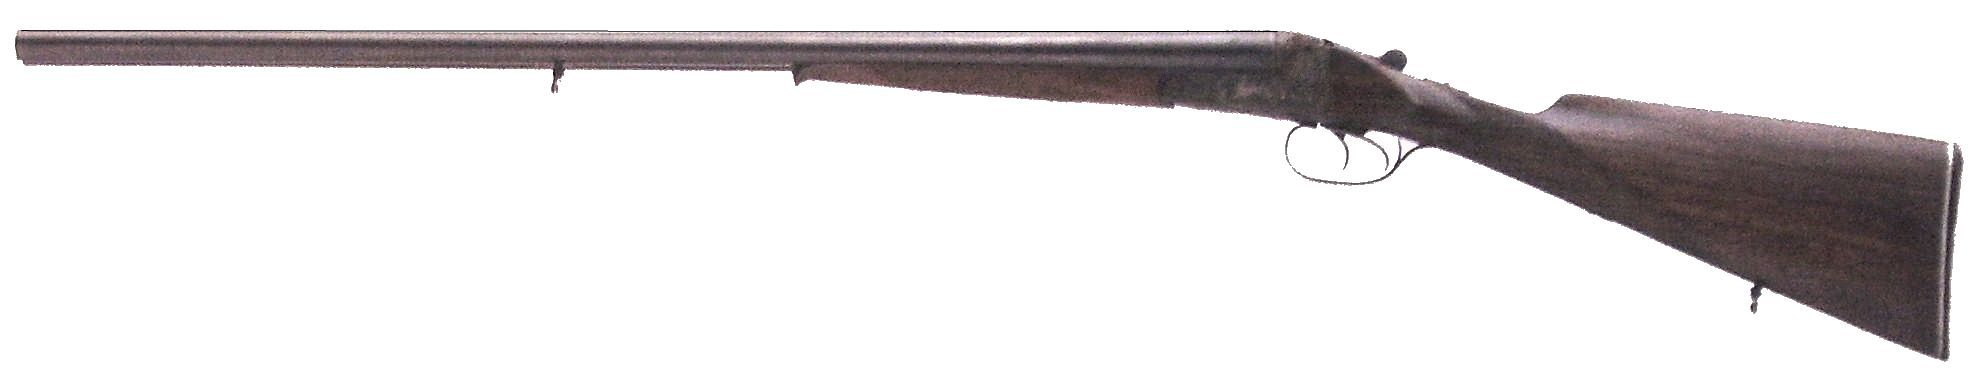 Двуствольное горизонтальное ружьё ИЖ-26